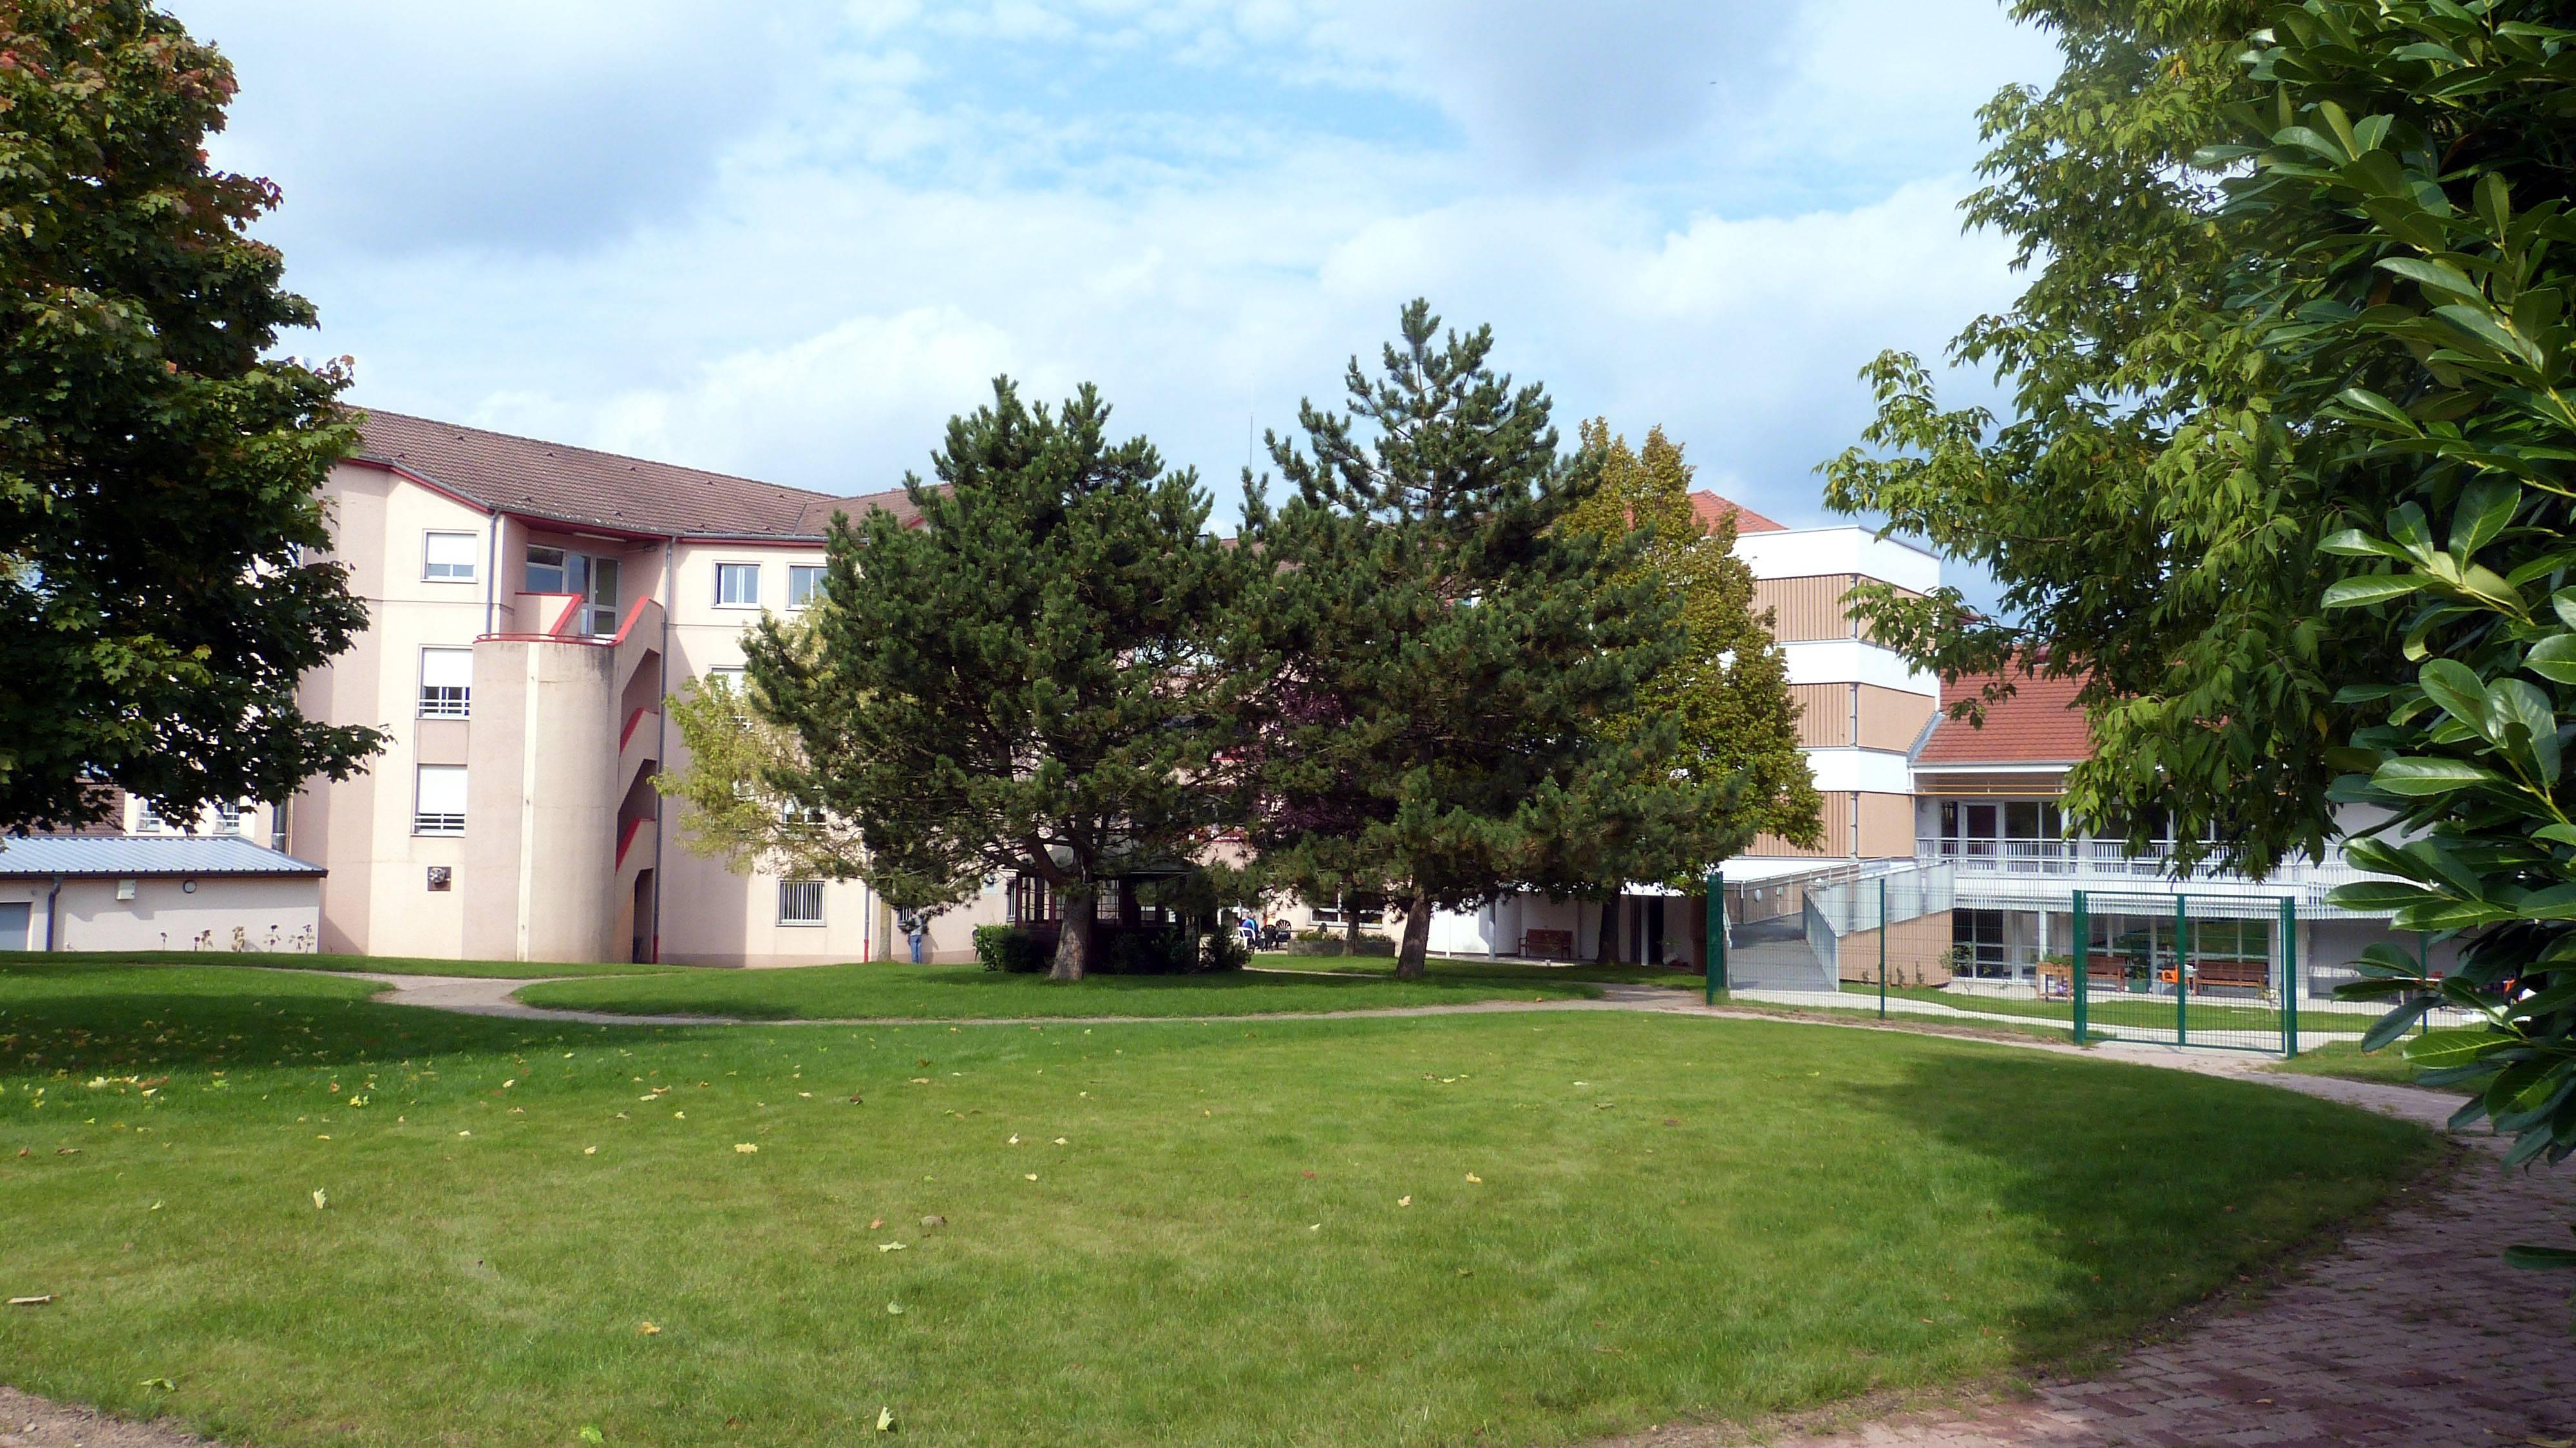 Maison de retraite saint martin charmes f d ration for Annuaire maison de retraite